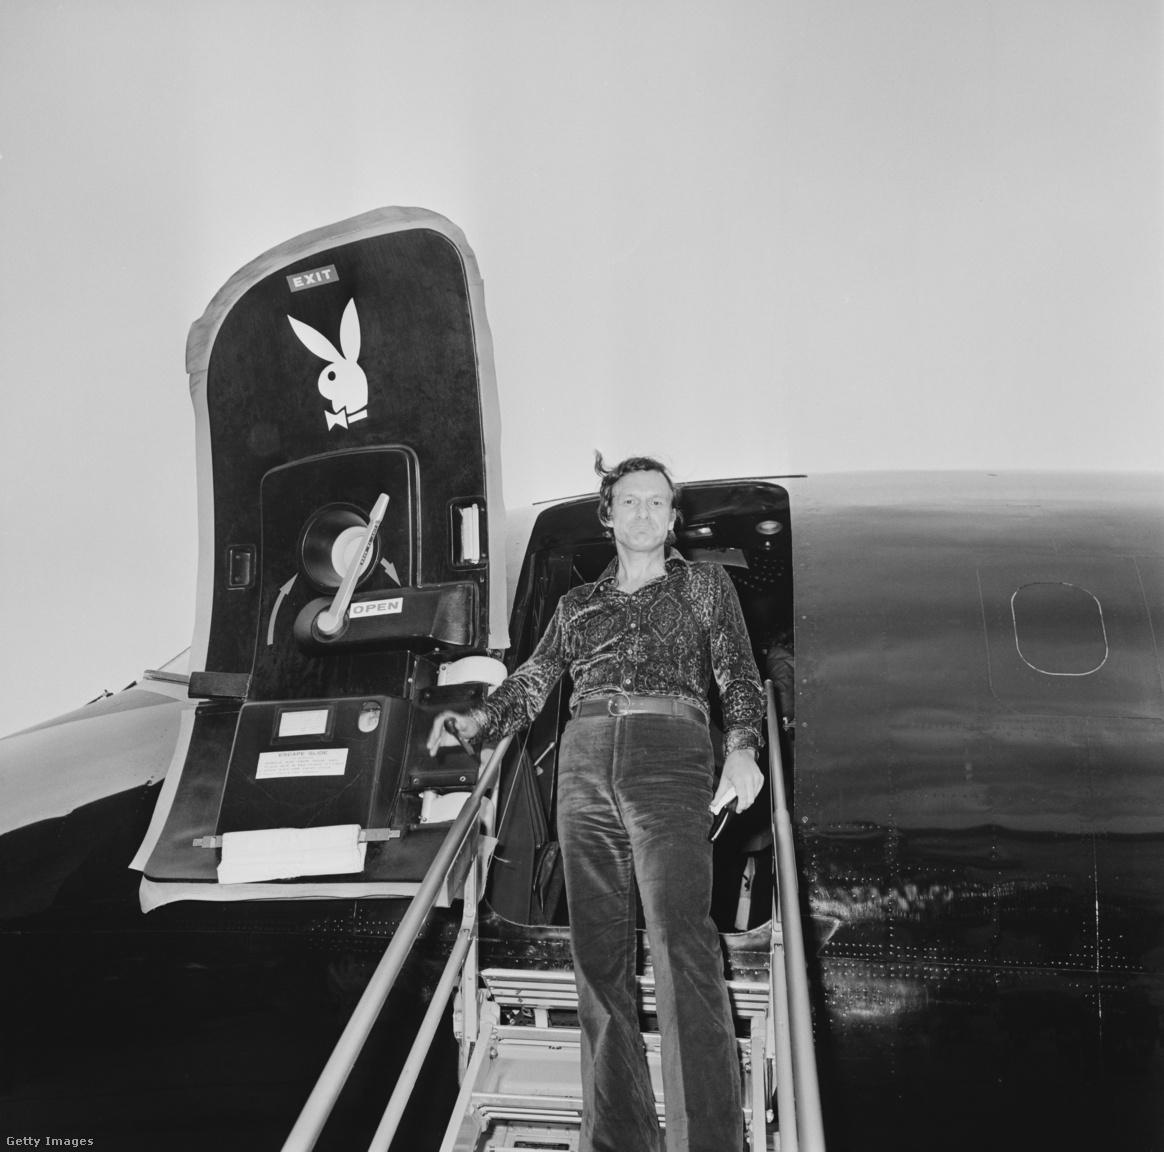 Hugh Hefner kinyitja a nyuszis ajtót, és a londoni reptér betonja felé indul 1971. augusztus 4-én. Ekkor ő már sztár volt, mögötte volt egy komplett médiabirodalom, aminek ernyője alá tartozott az újság, a tévéműsorai, és a szépségkirálynő-választásai is.